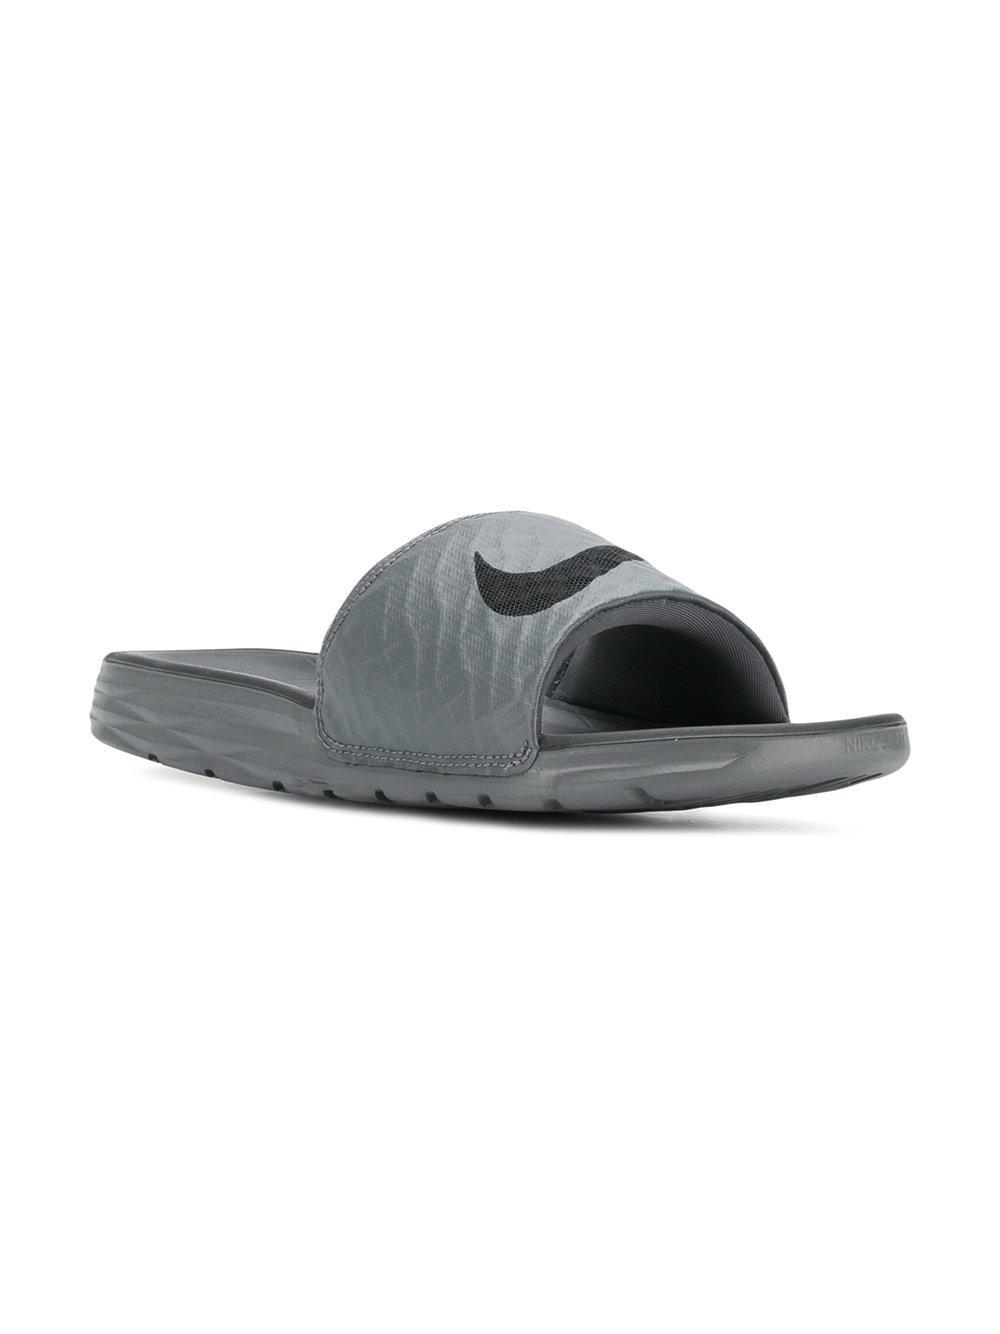 627ef335a Lyst - Nike Benassi Slides in Gray for Men